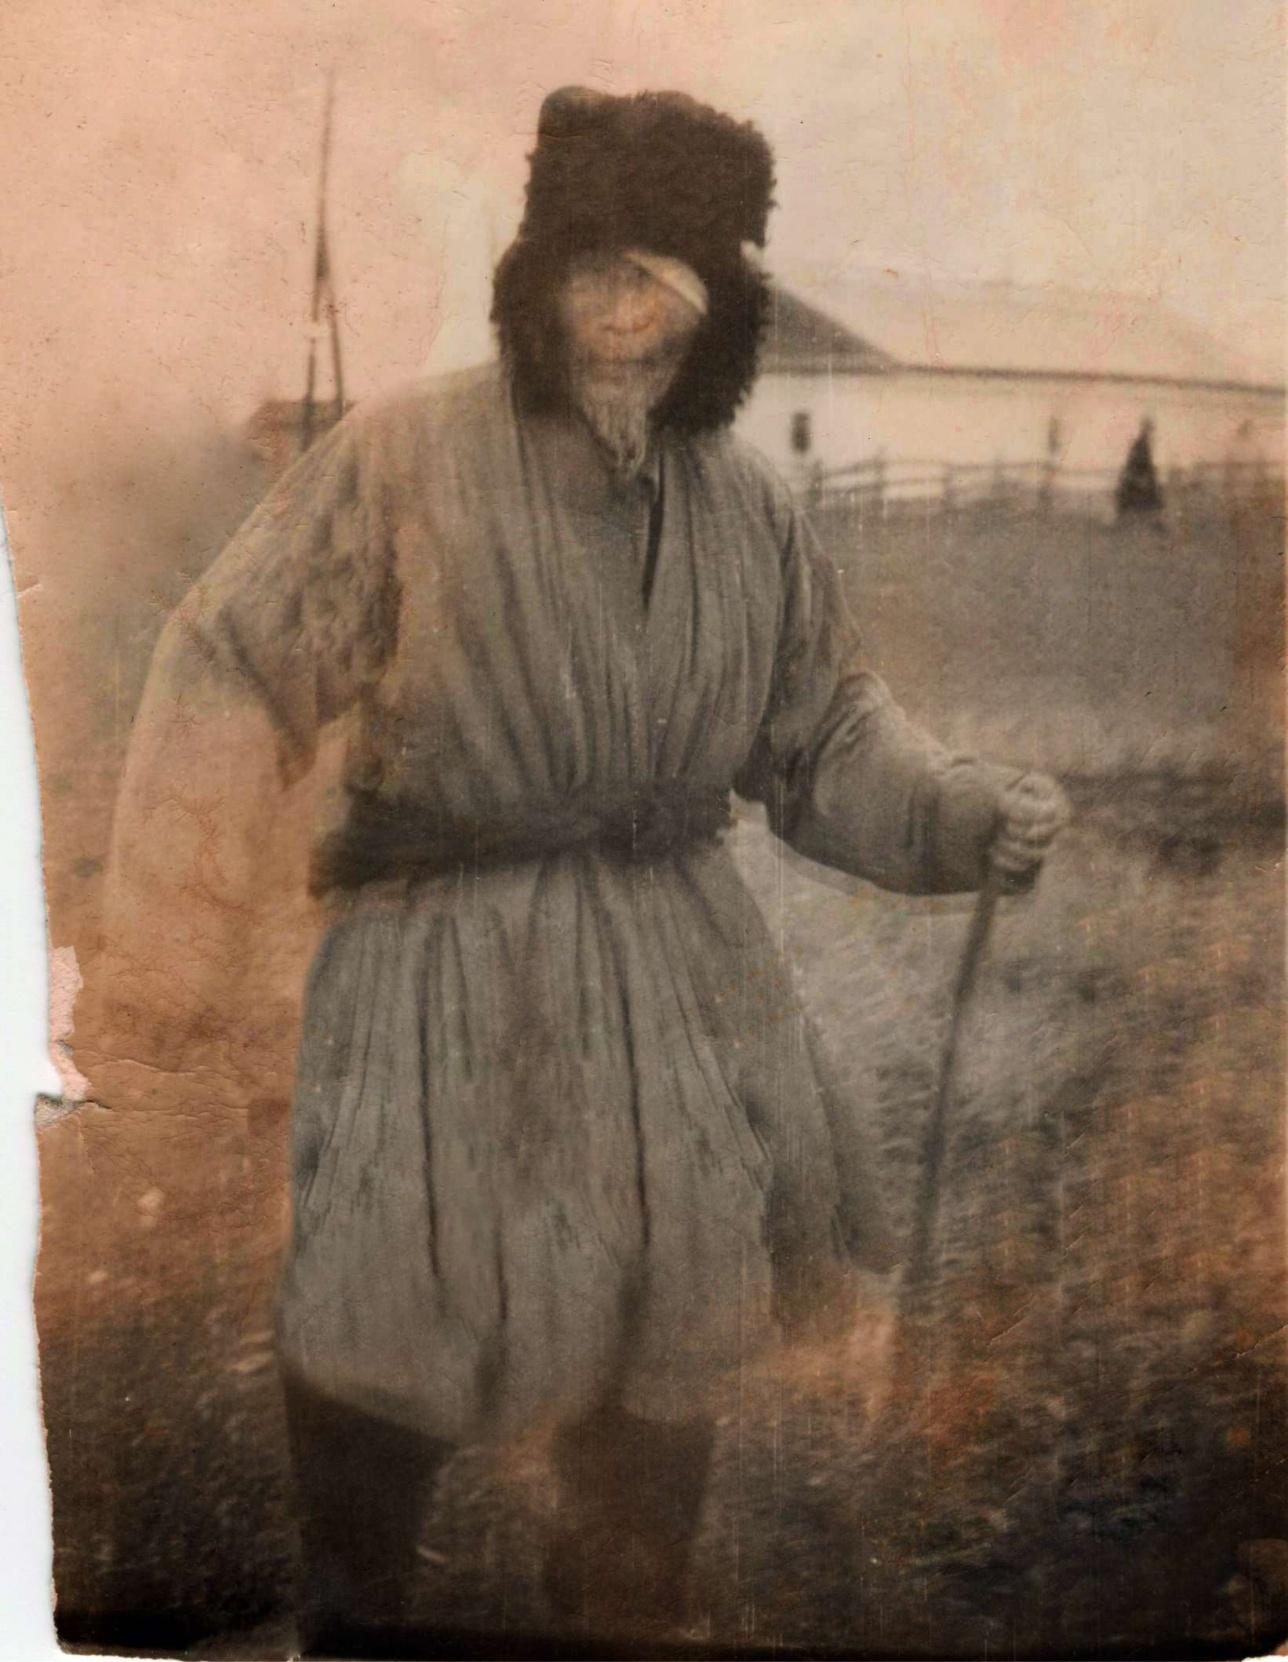 Шәкен Әйнекұлы 1896 жылы туылып, 1974 жылы 78 жасында өмірден өтті